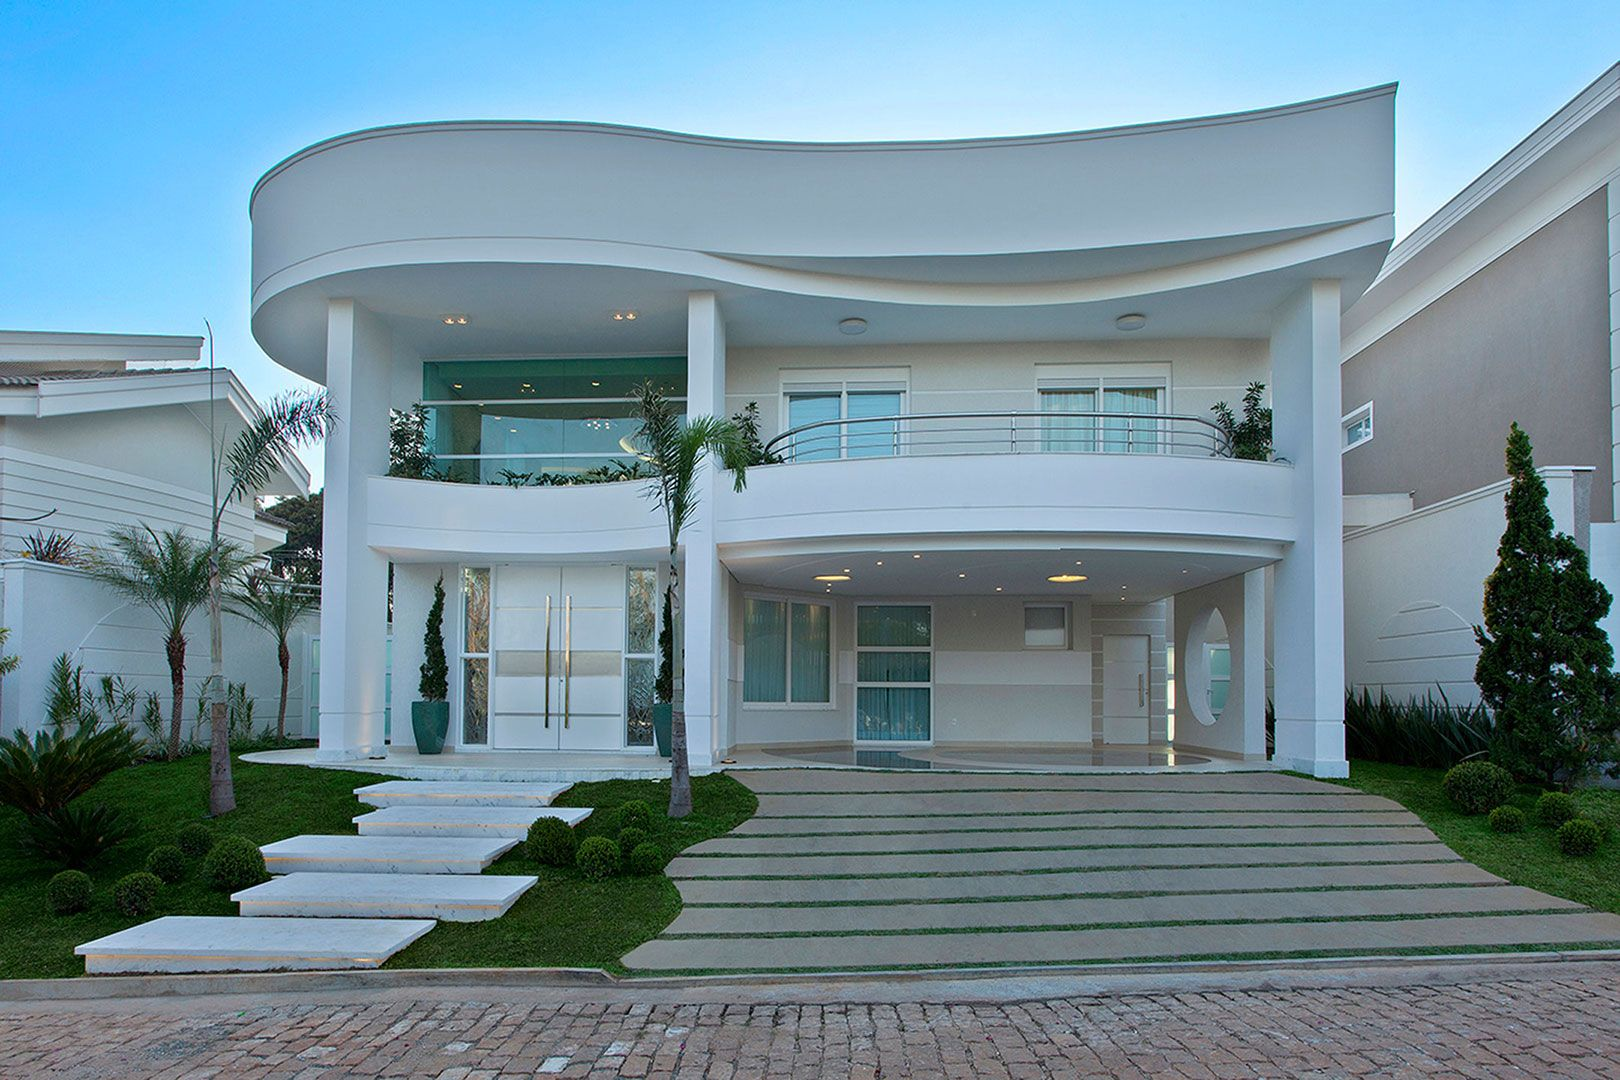 House design picture - Piso Para Cal Ada Residencial Pesquisa Google Mais